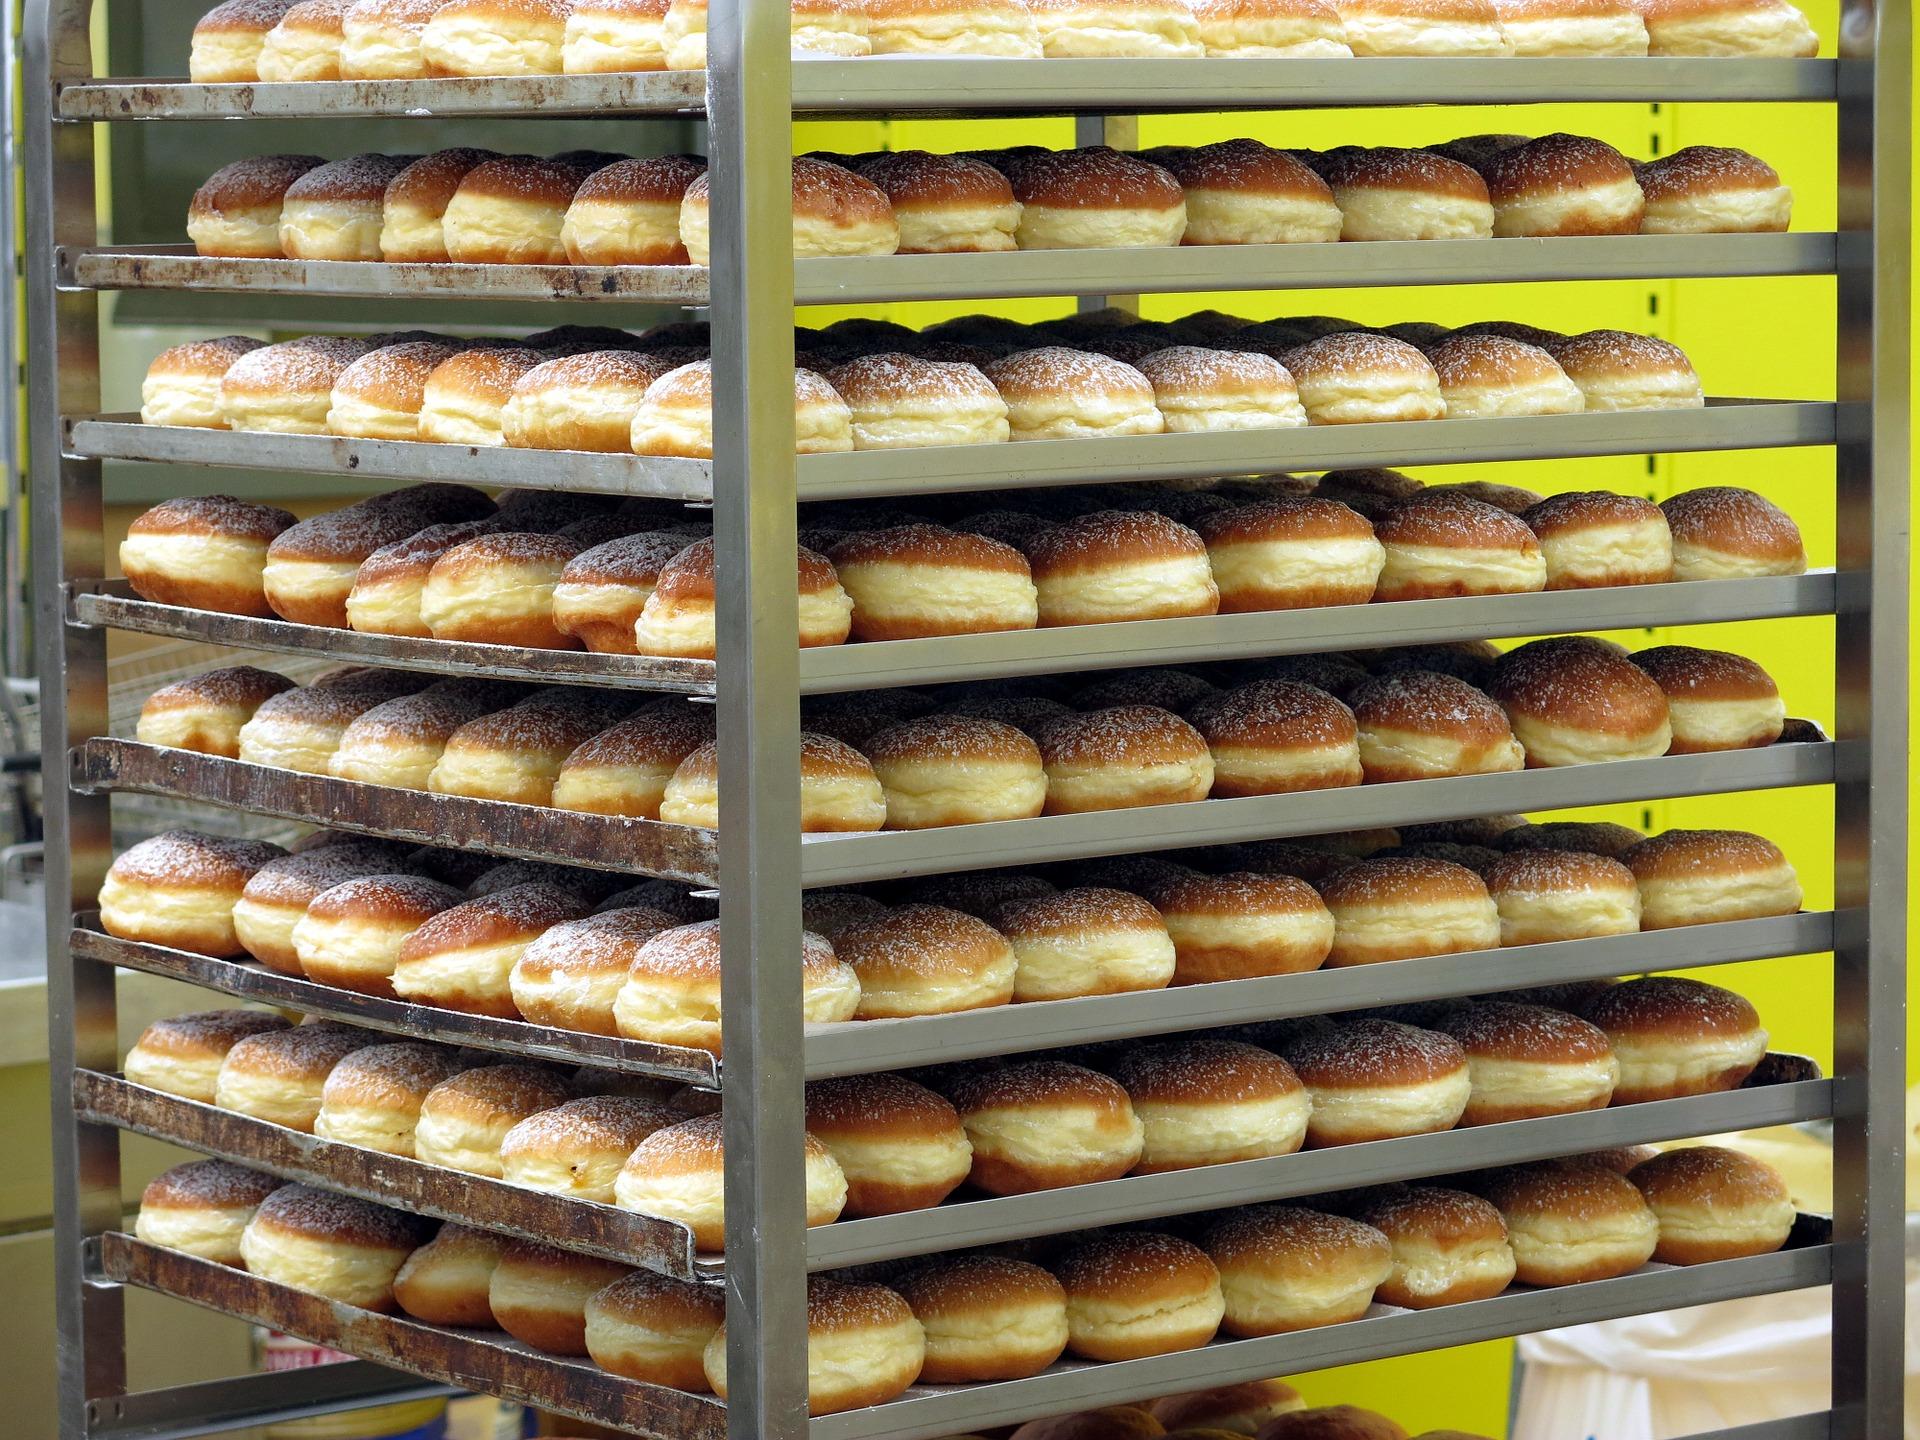 bakery-1363023_1920